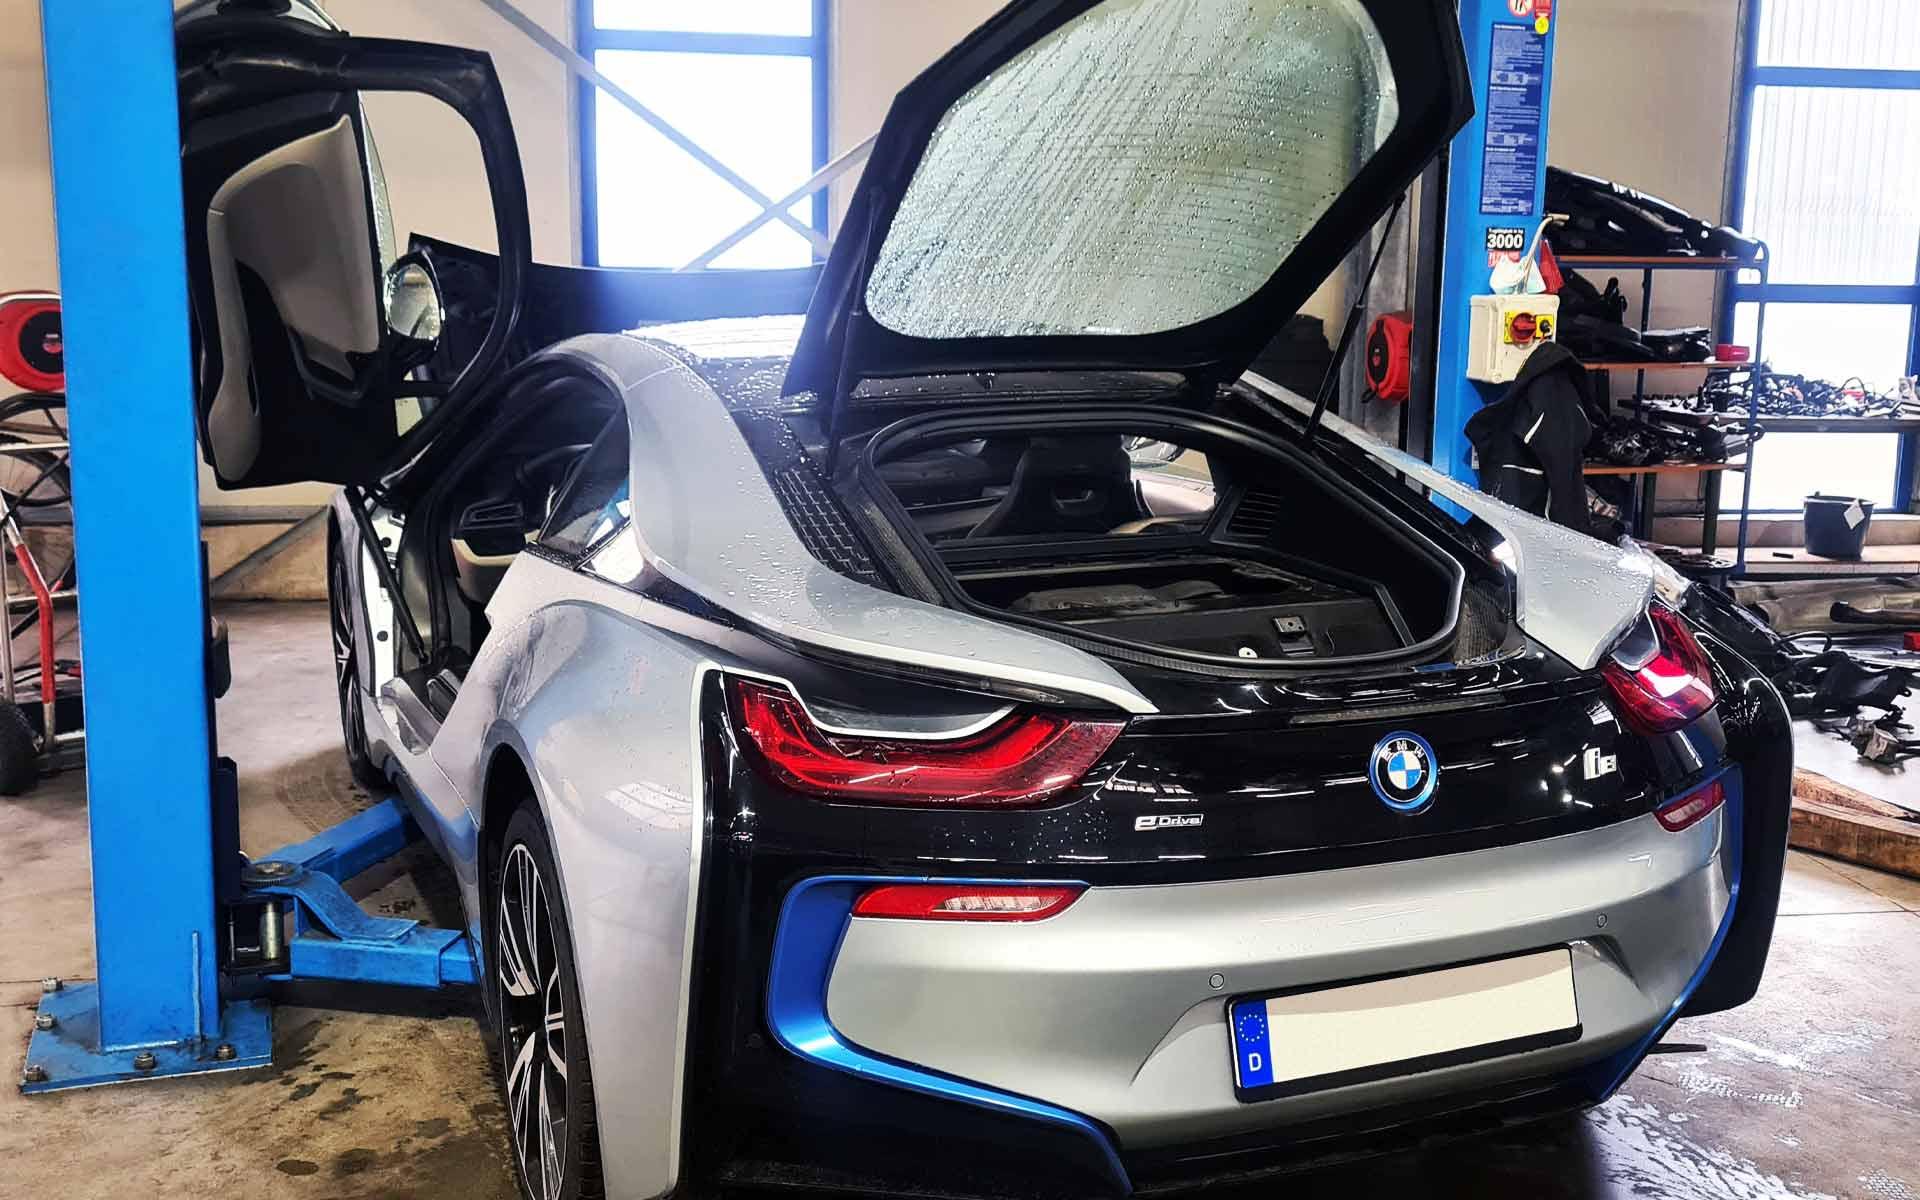 Der Verbrennungsmotor sitzt beim BMW i8 im Heck